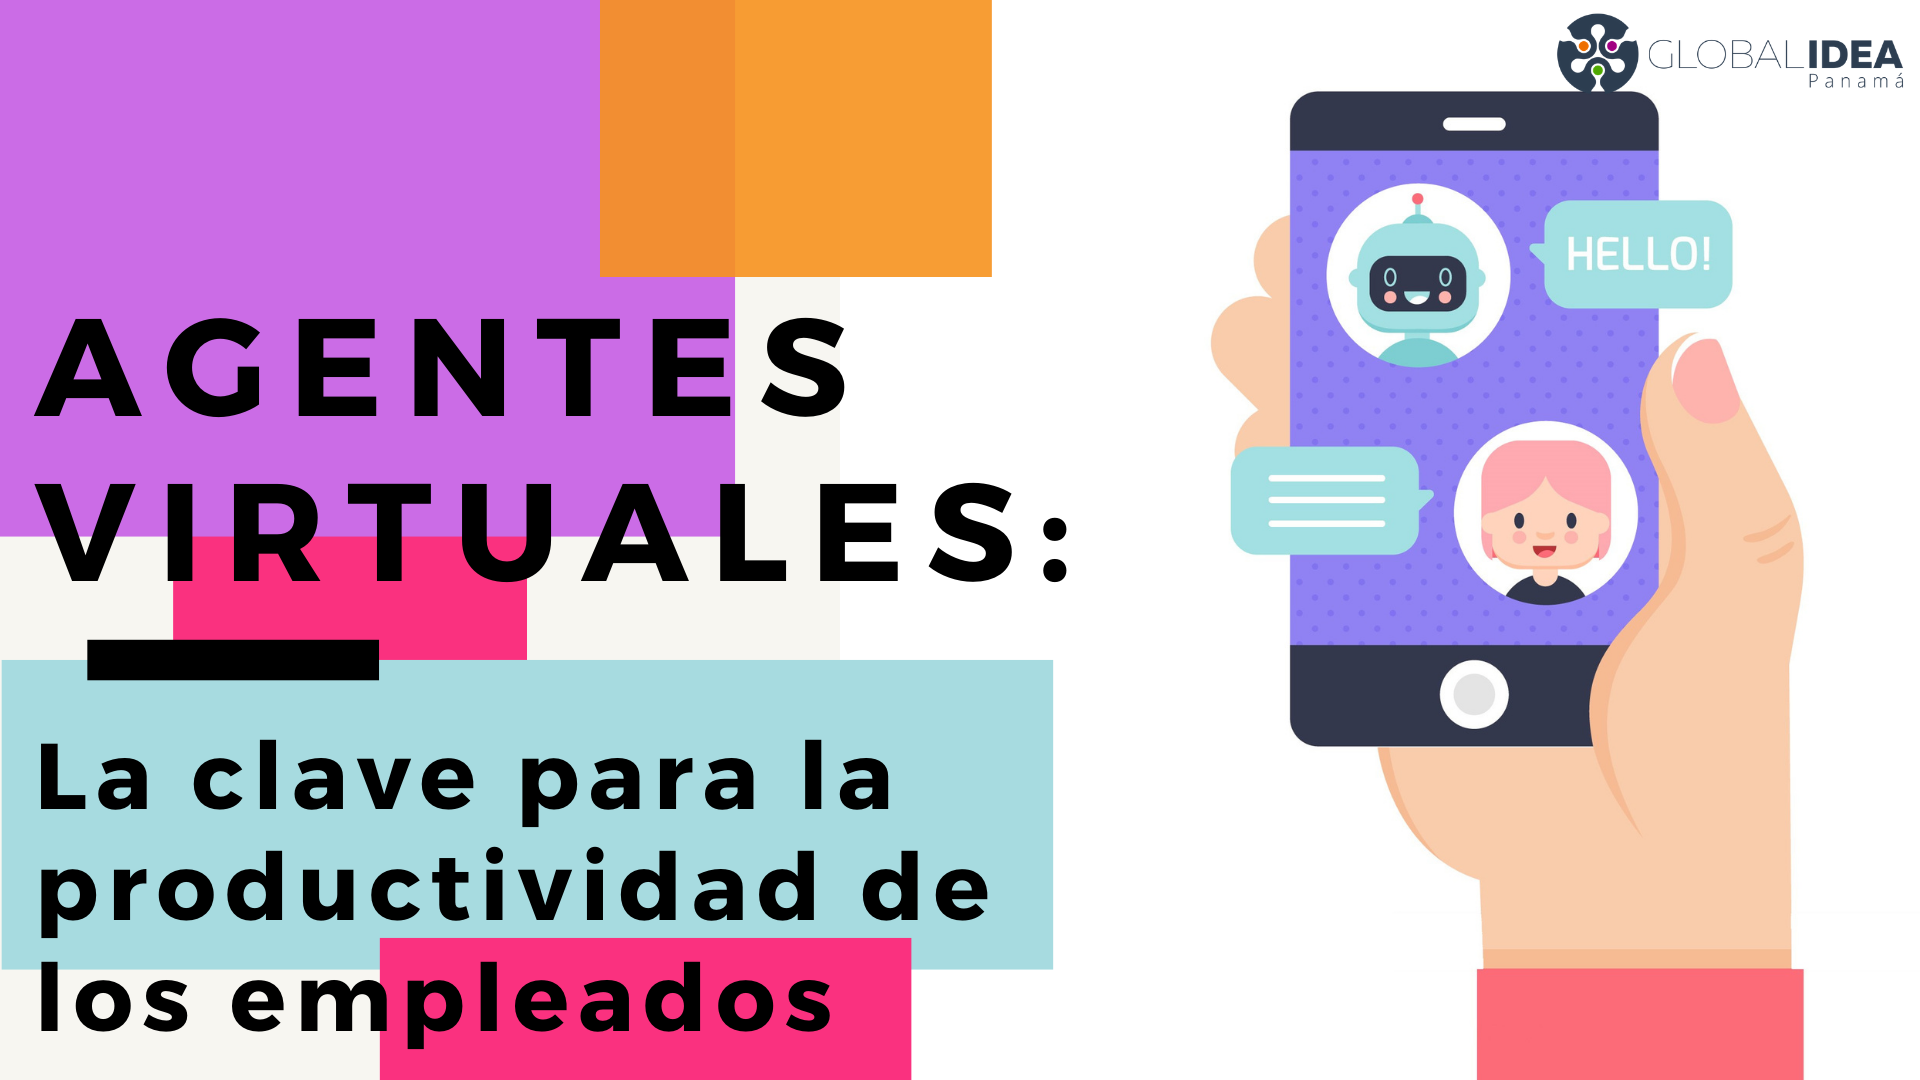 Agentes virtuales la clave para la productividad de los empleados - Global Idea Panama - Chatbots whatsapp Panama